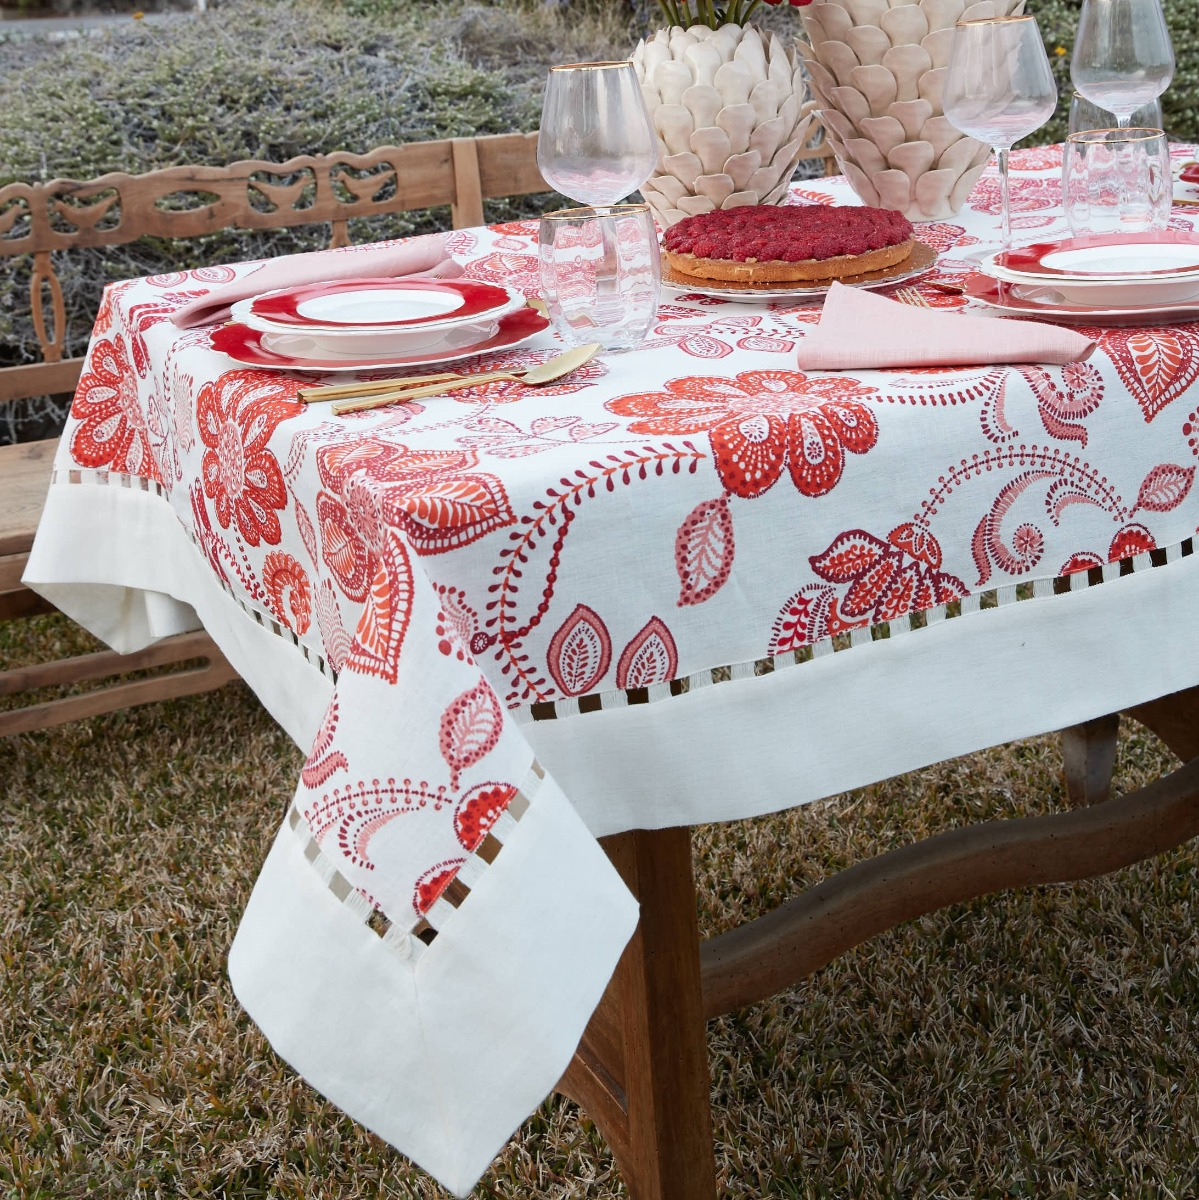 Tovaglia Da Tavola Moderna dettagli su tovaglia in lino floreale moderna rossa preziosa luxury home  gisele